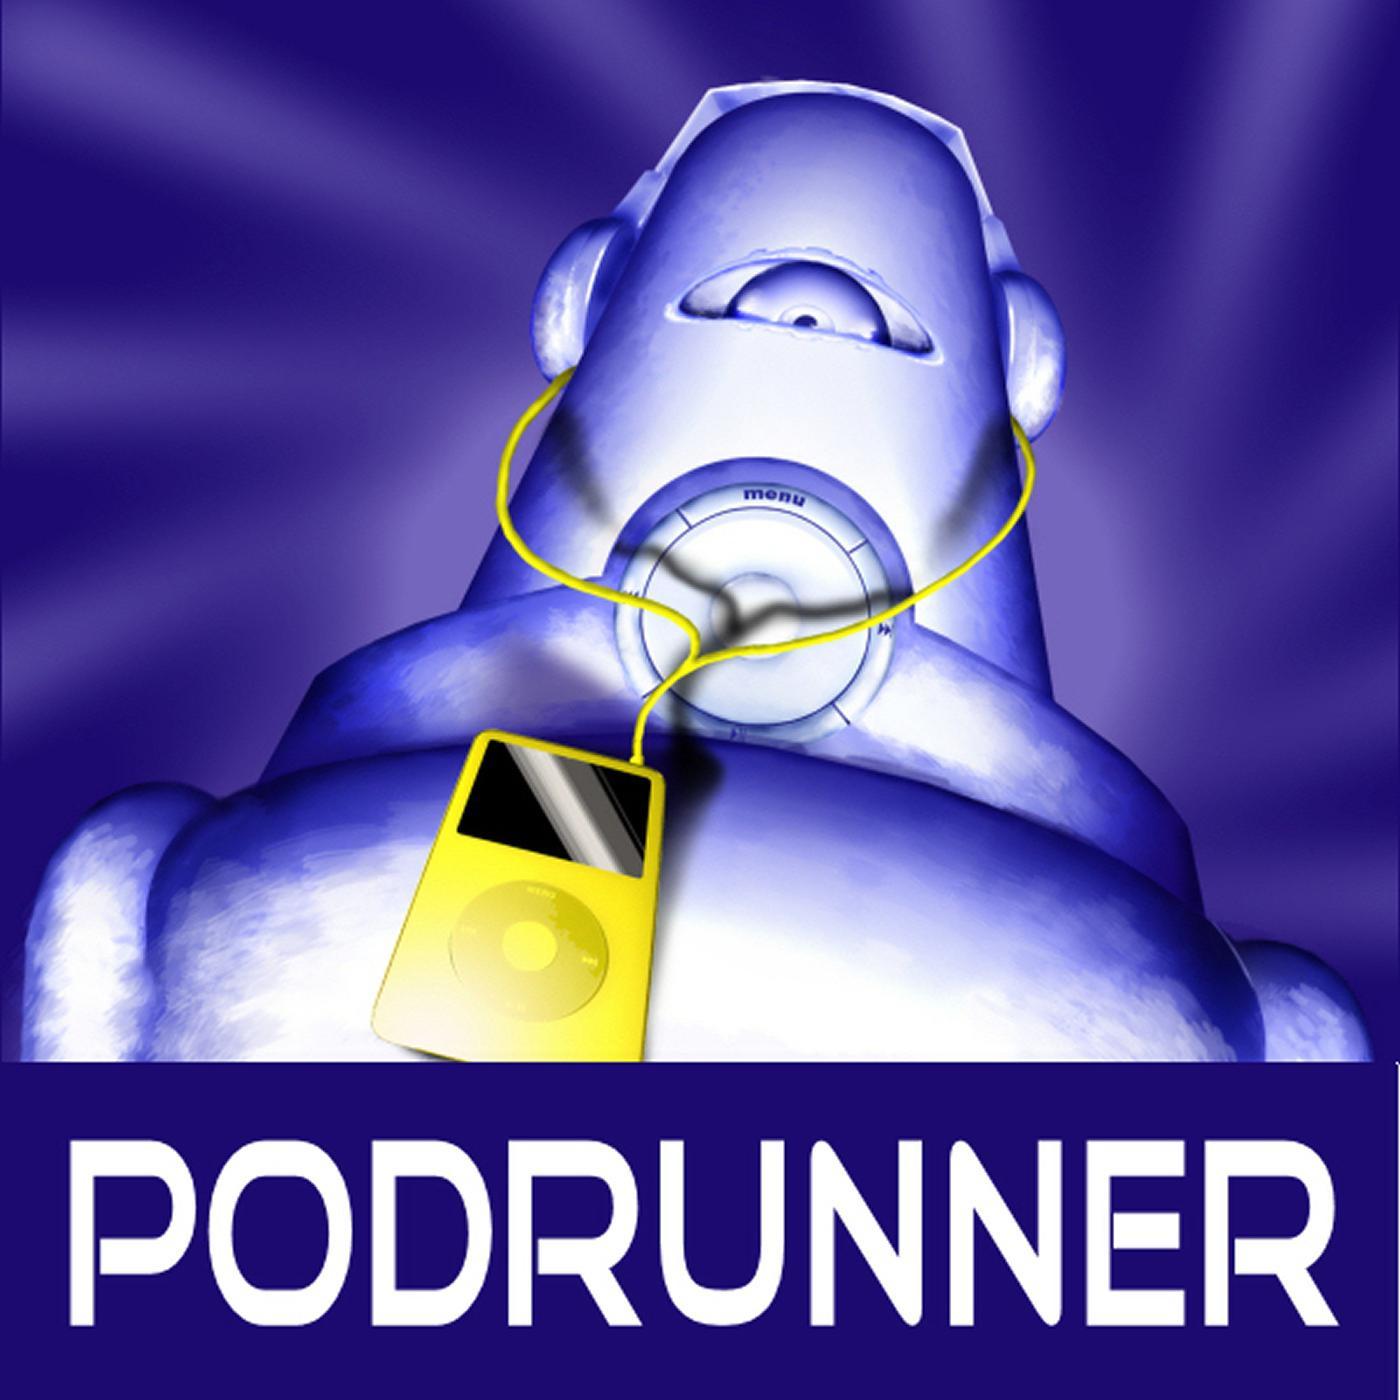 180 BPM - Turbocharger (Jumpstart Mix) - PODRUNNER: Workout Music